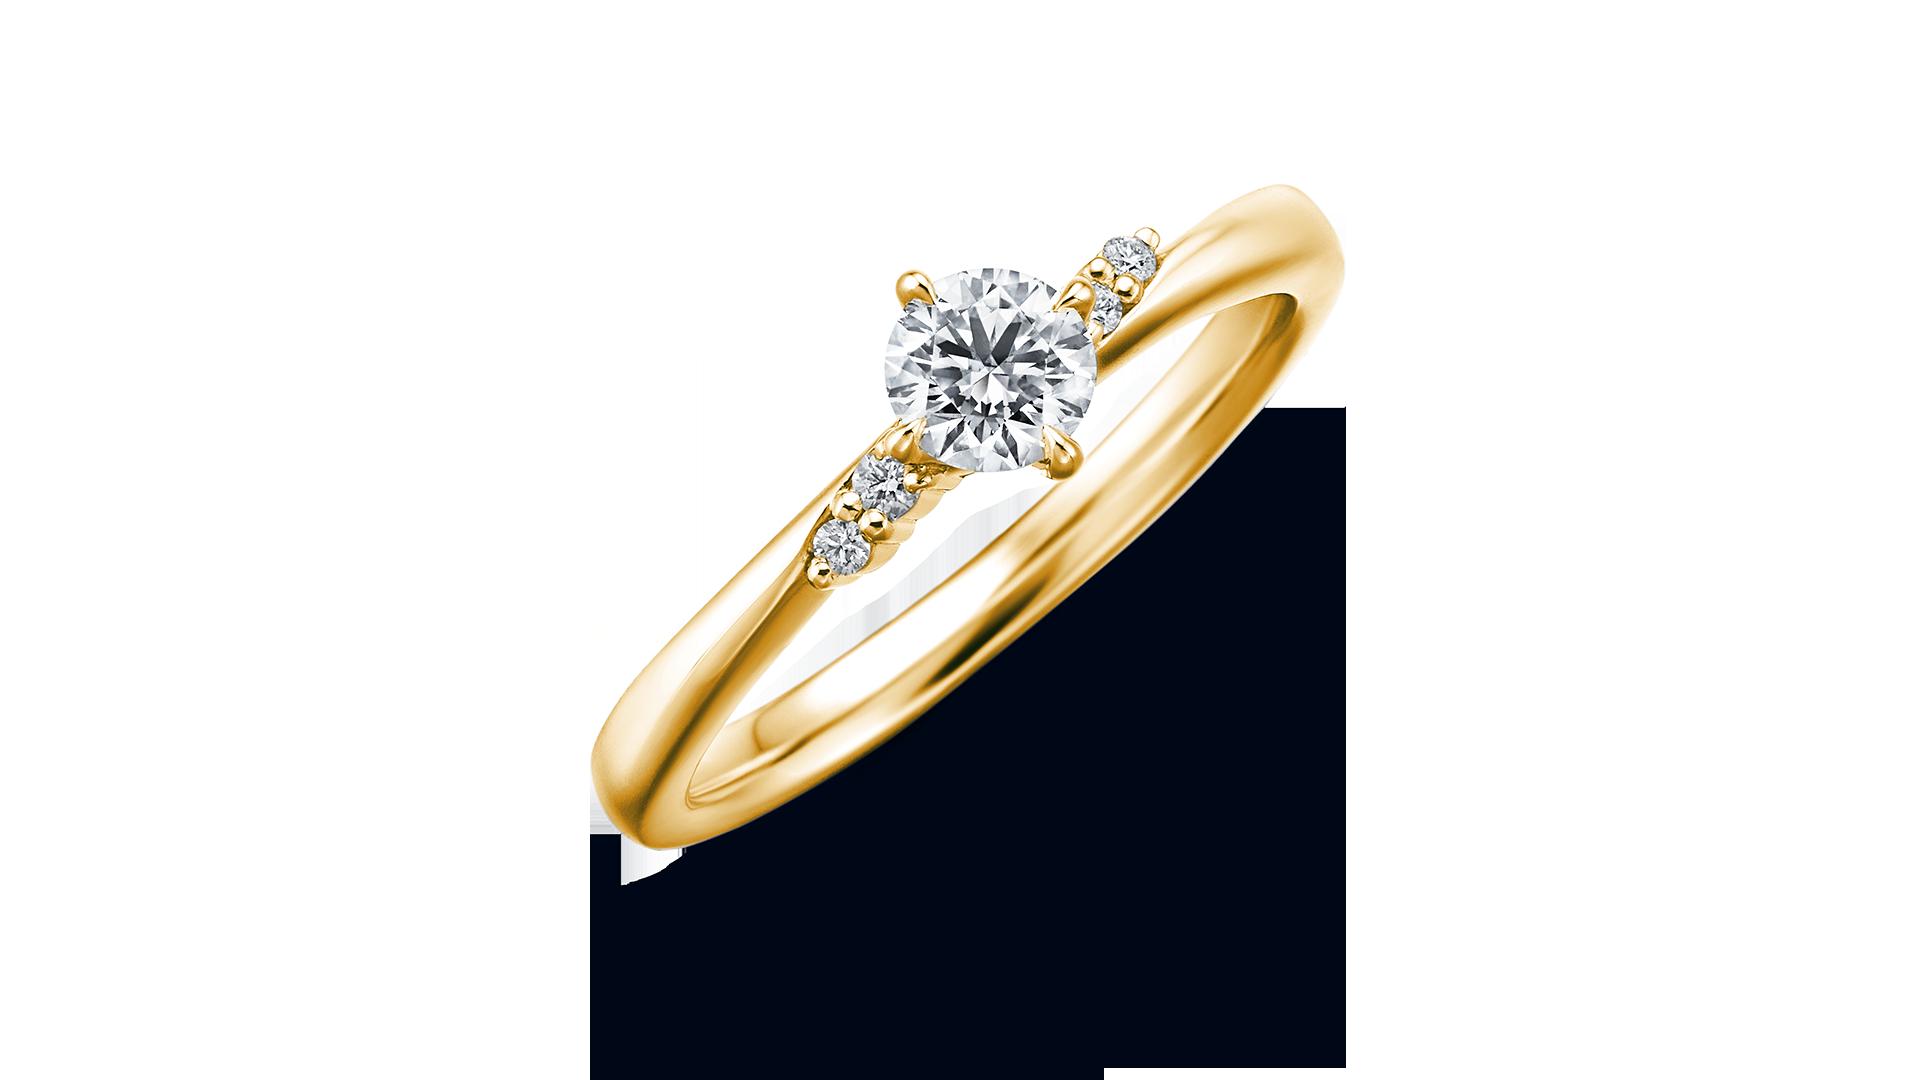 sagitta サジッタ | 婚約指輪サムネイル 3